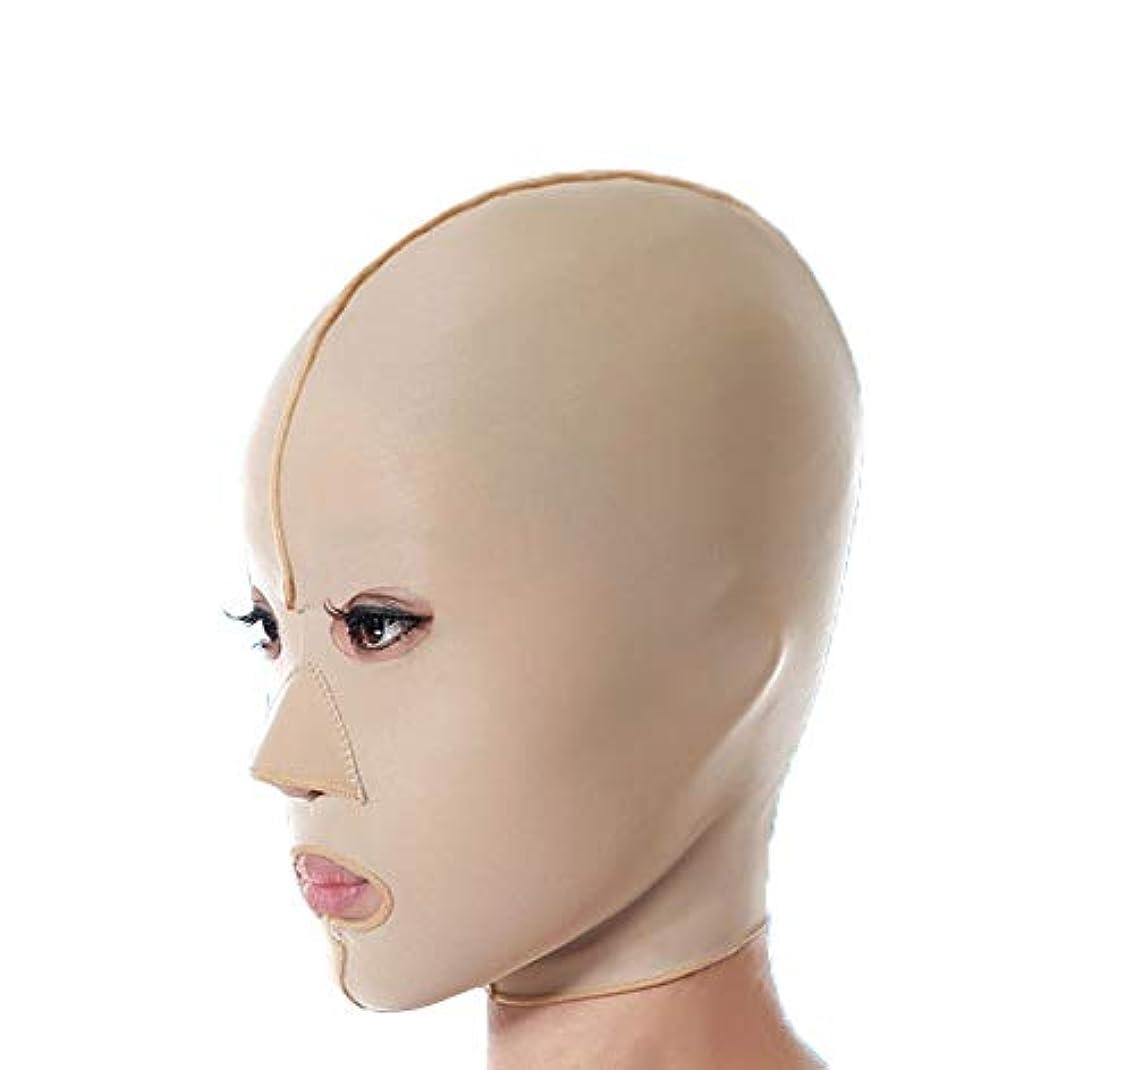 段階欠乏オリエンタルXHLMRMJ 引き締めフェイスマスク、フェイシャルマスク薬強力なフェイスマスクアーティファクト美容垂れ防止法パターンフェイシャルリフティング引き締めフルフェイスマスク (Size : L)